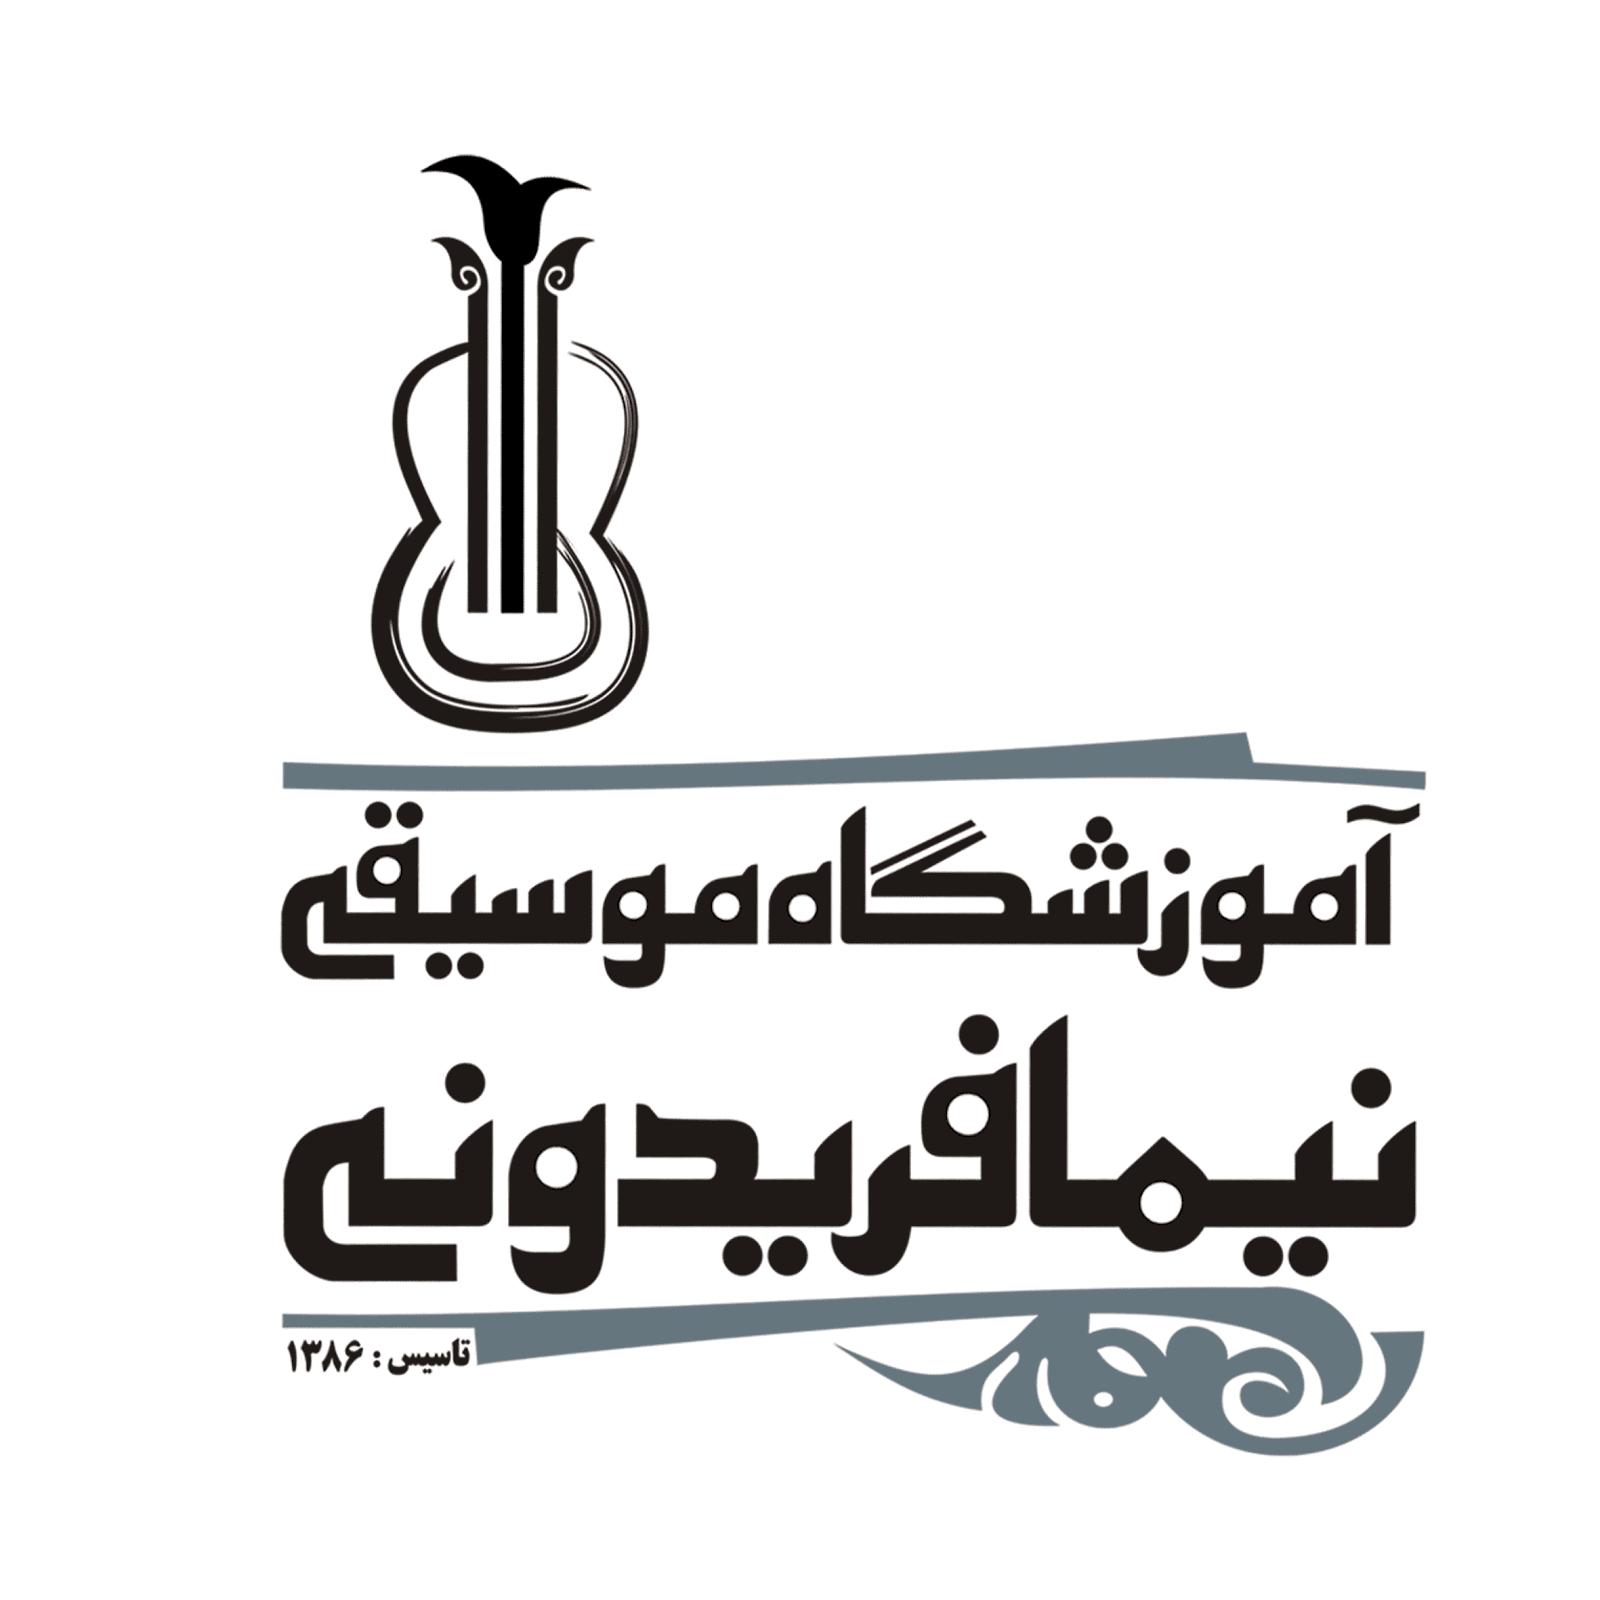 نام پشتیبانان پروژهی ملی ضبط فیلمهای آموزشی آموزشگاه موسیقی فریدونی